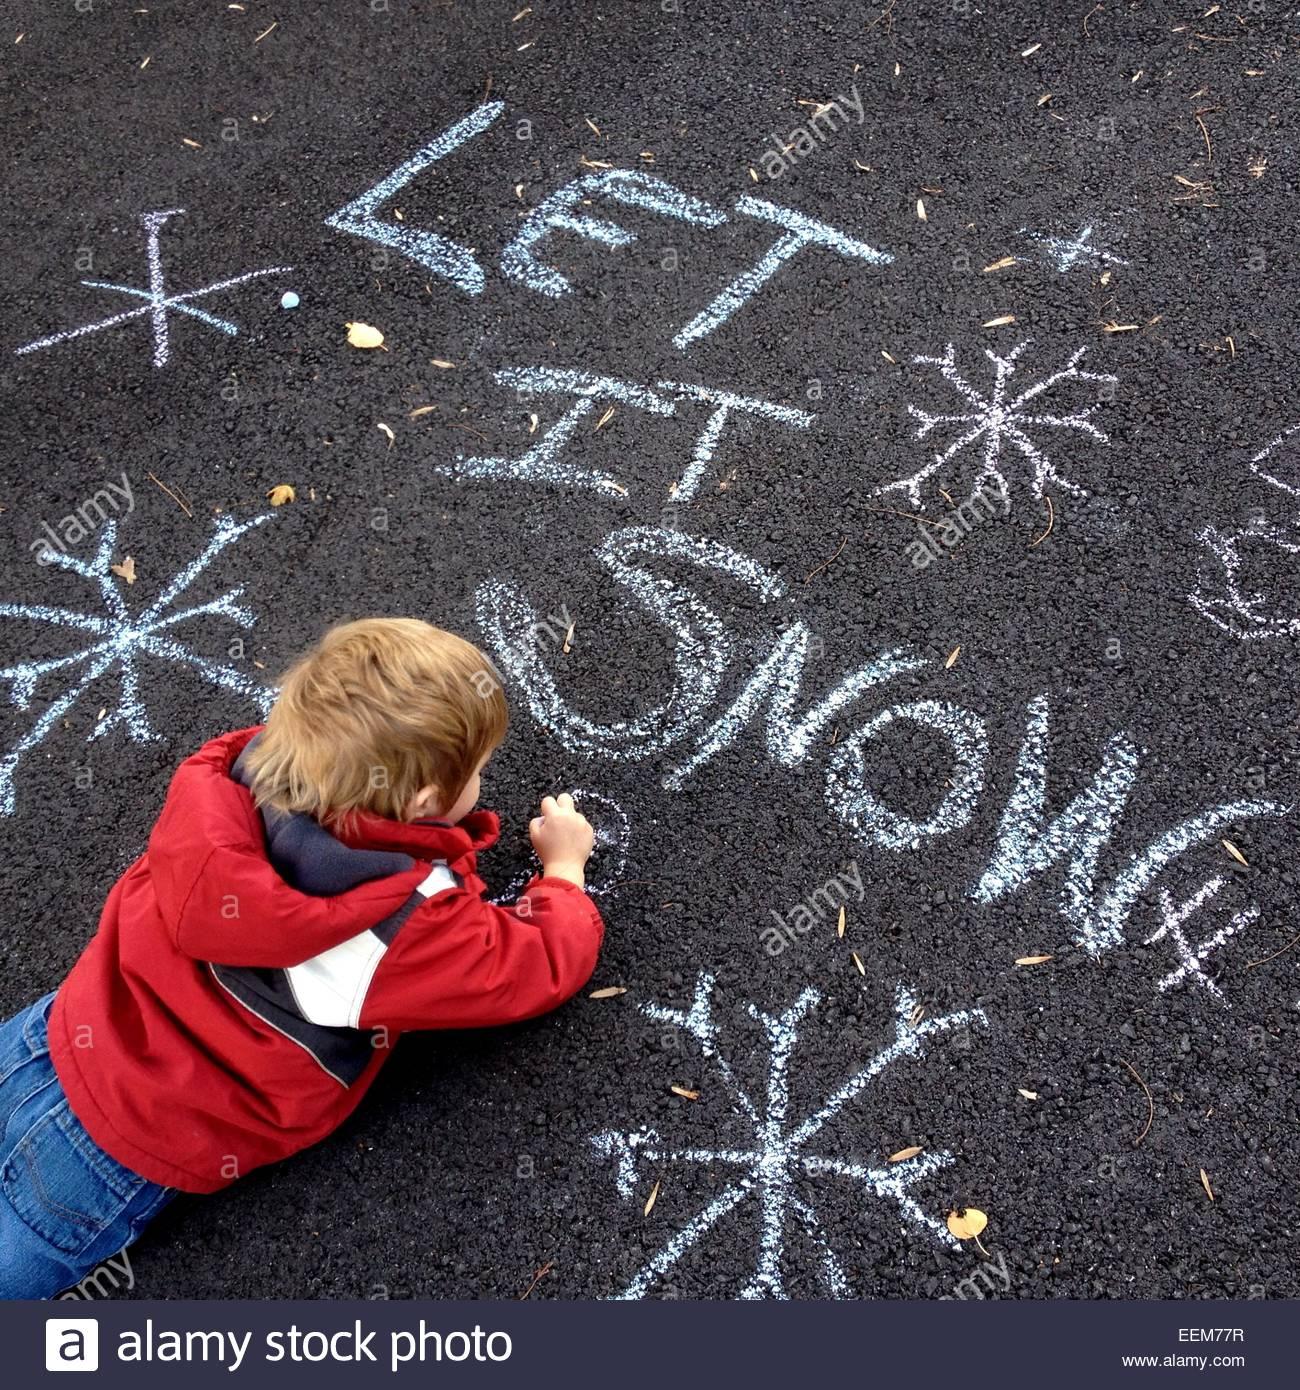 Junge liegend auf Asphalt, zeichnen mit Kreide Stockbild